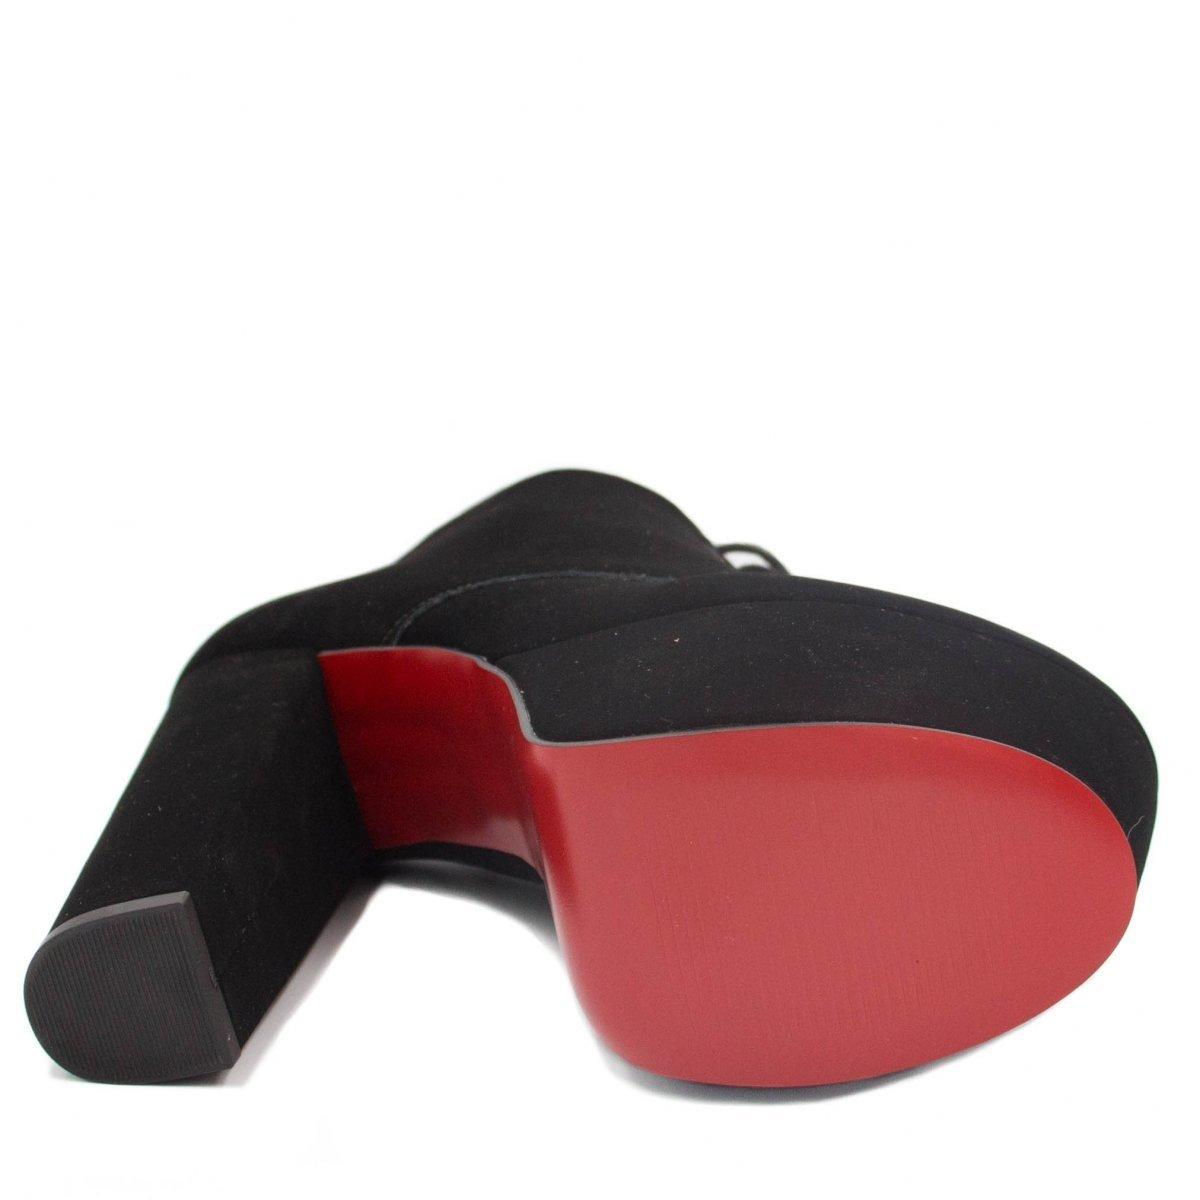 Bota Cano Curto Zariff Shoes Coturno Salto Alto Feminina - Compre ... 1f568cfb28